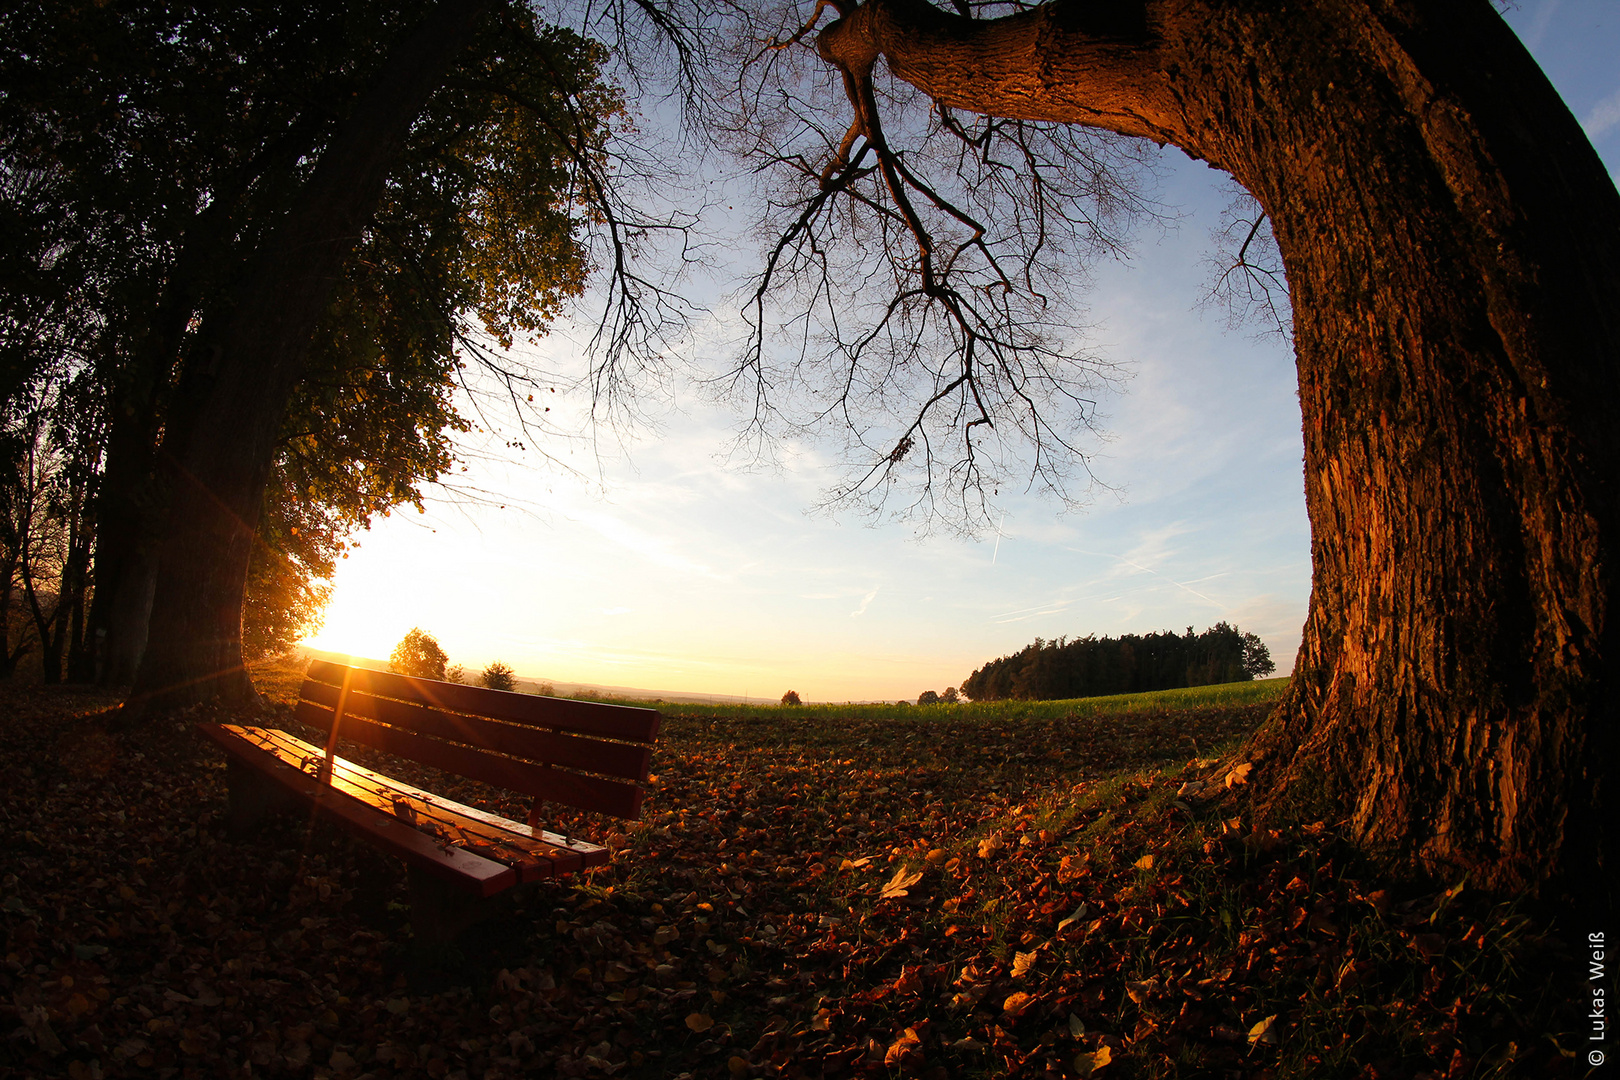 Abendsonne im Herbst